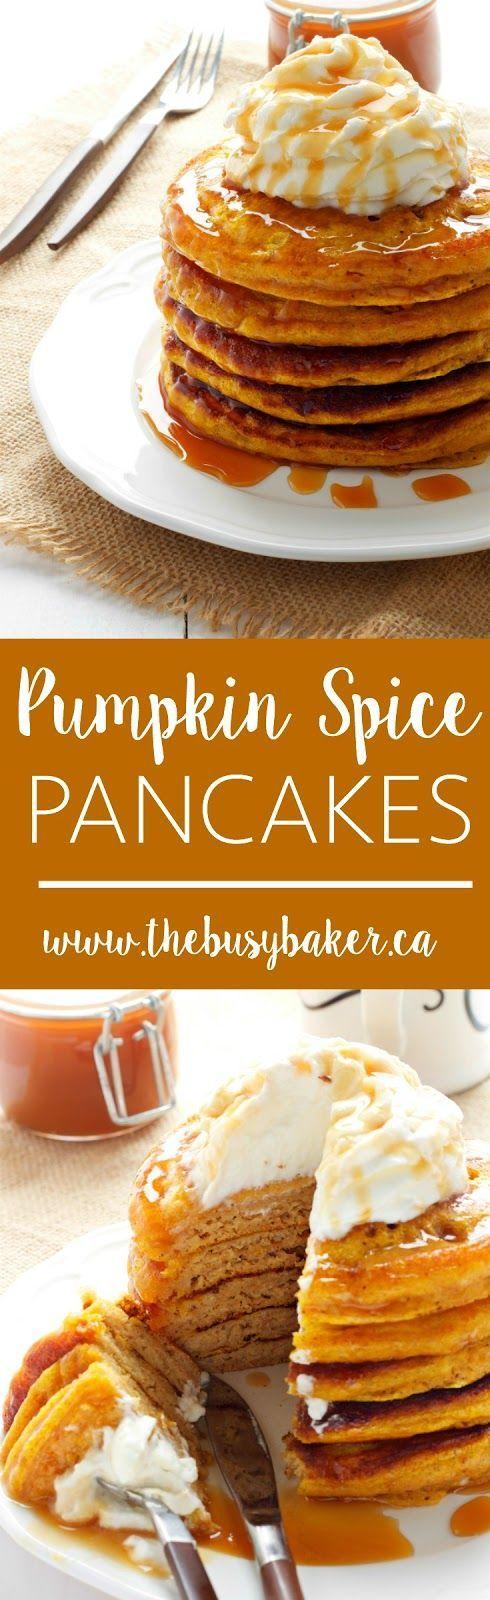 Pumpkin Spice Pancakes www.thebusybaker.ca: http://www.thebusybaker.ca2016/09/pumpkin-spice-pancakes.html